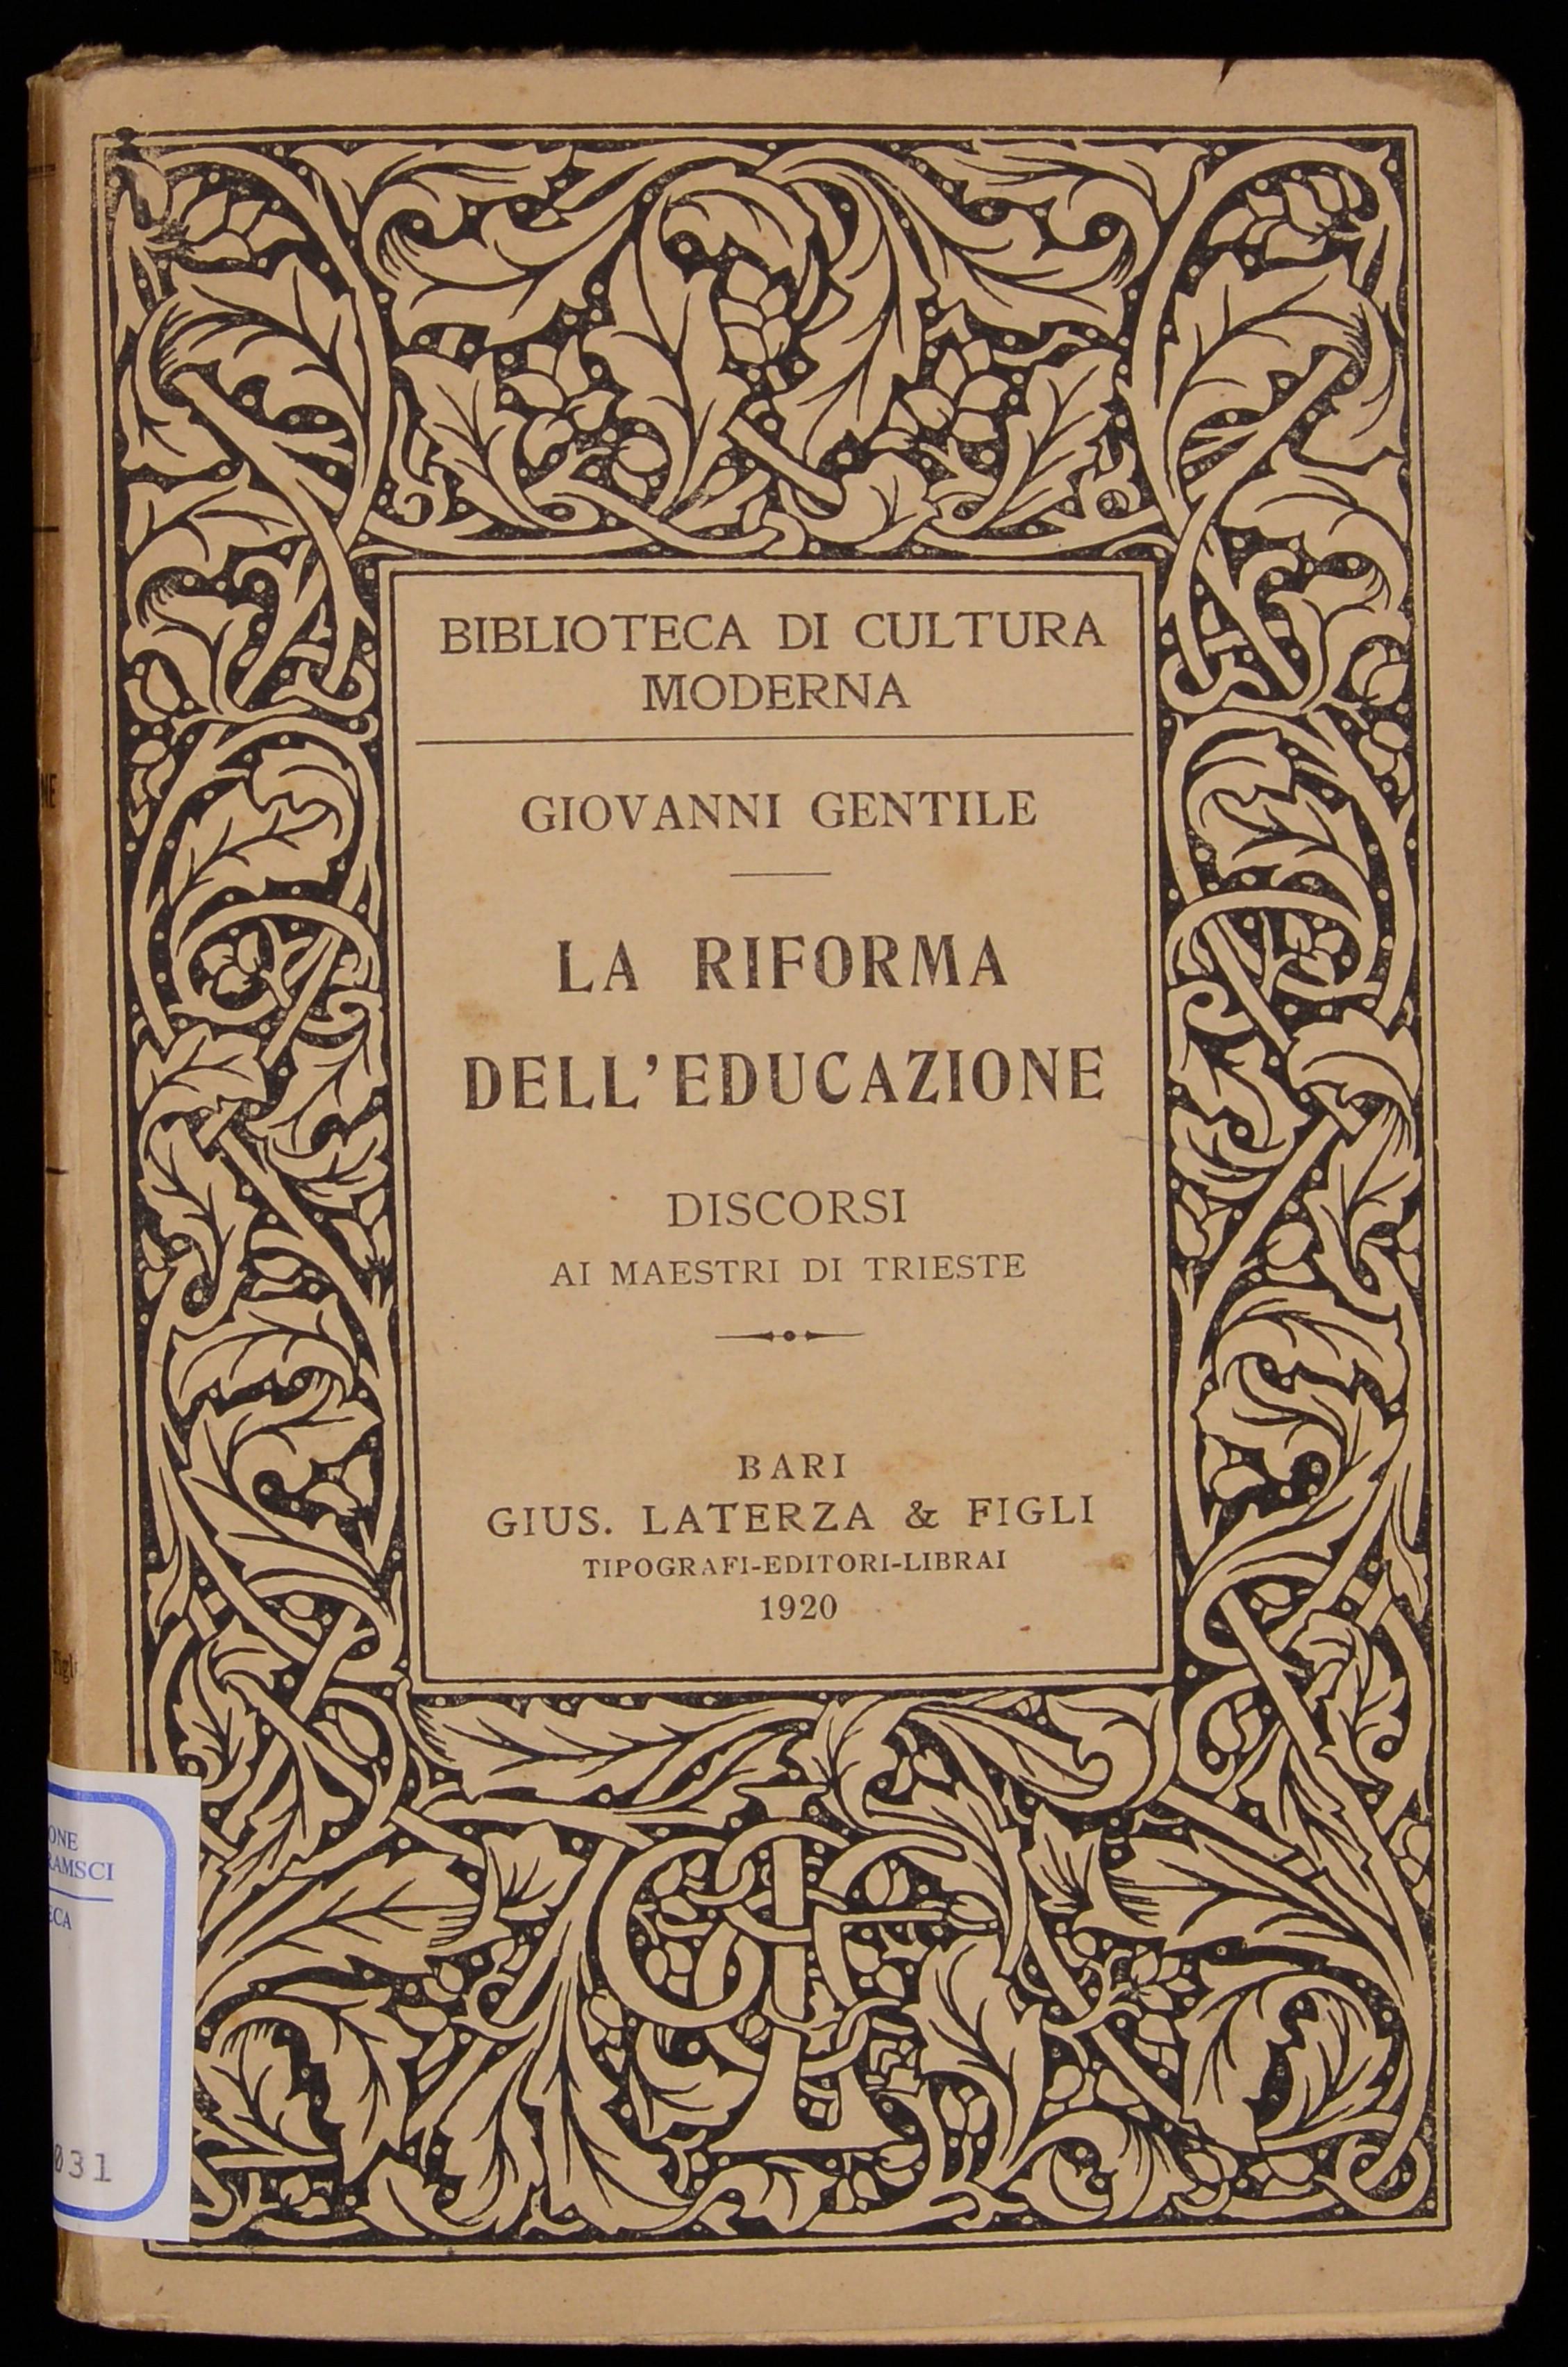 La riforma dell'educazione